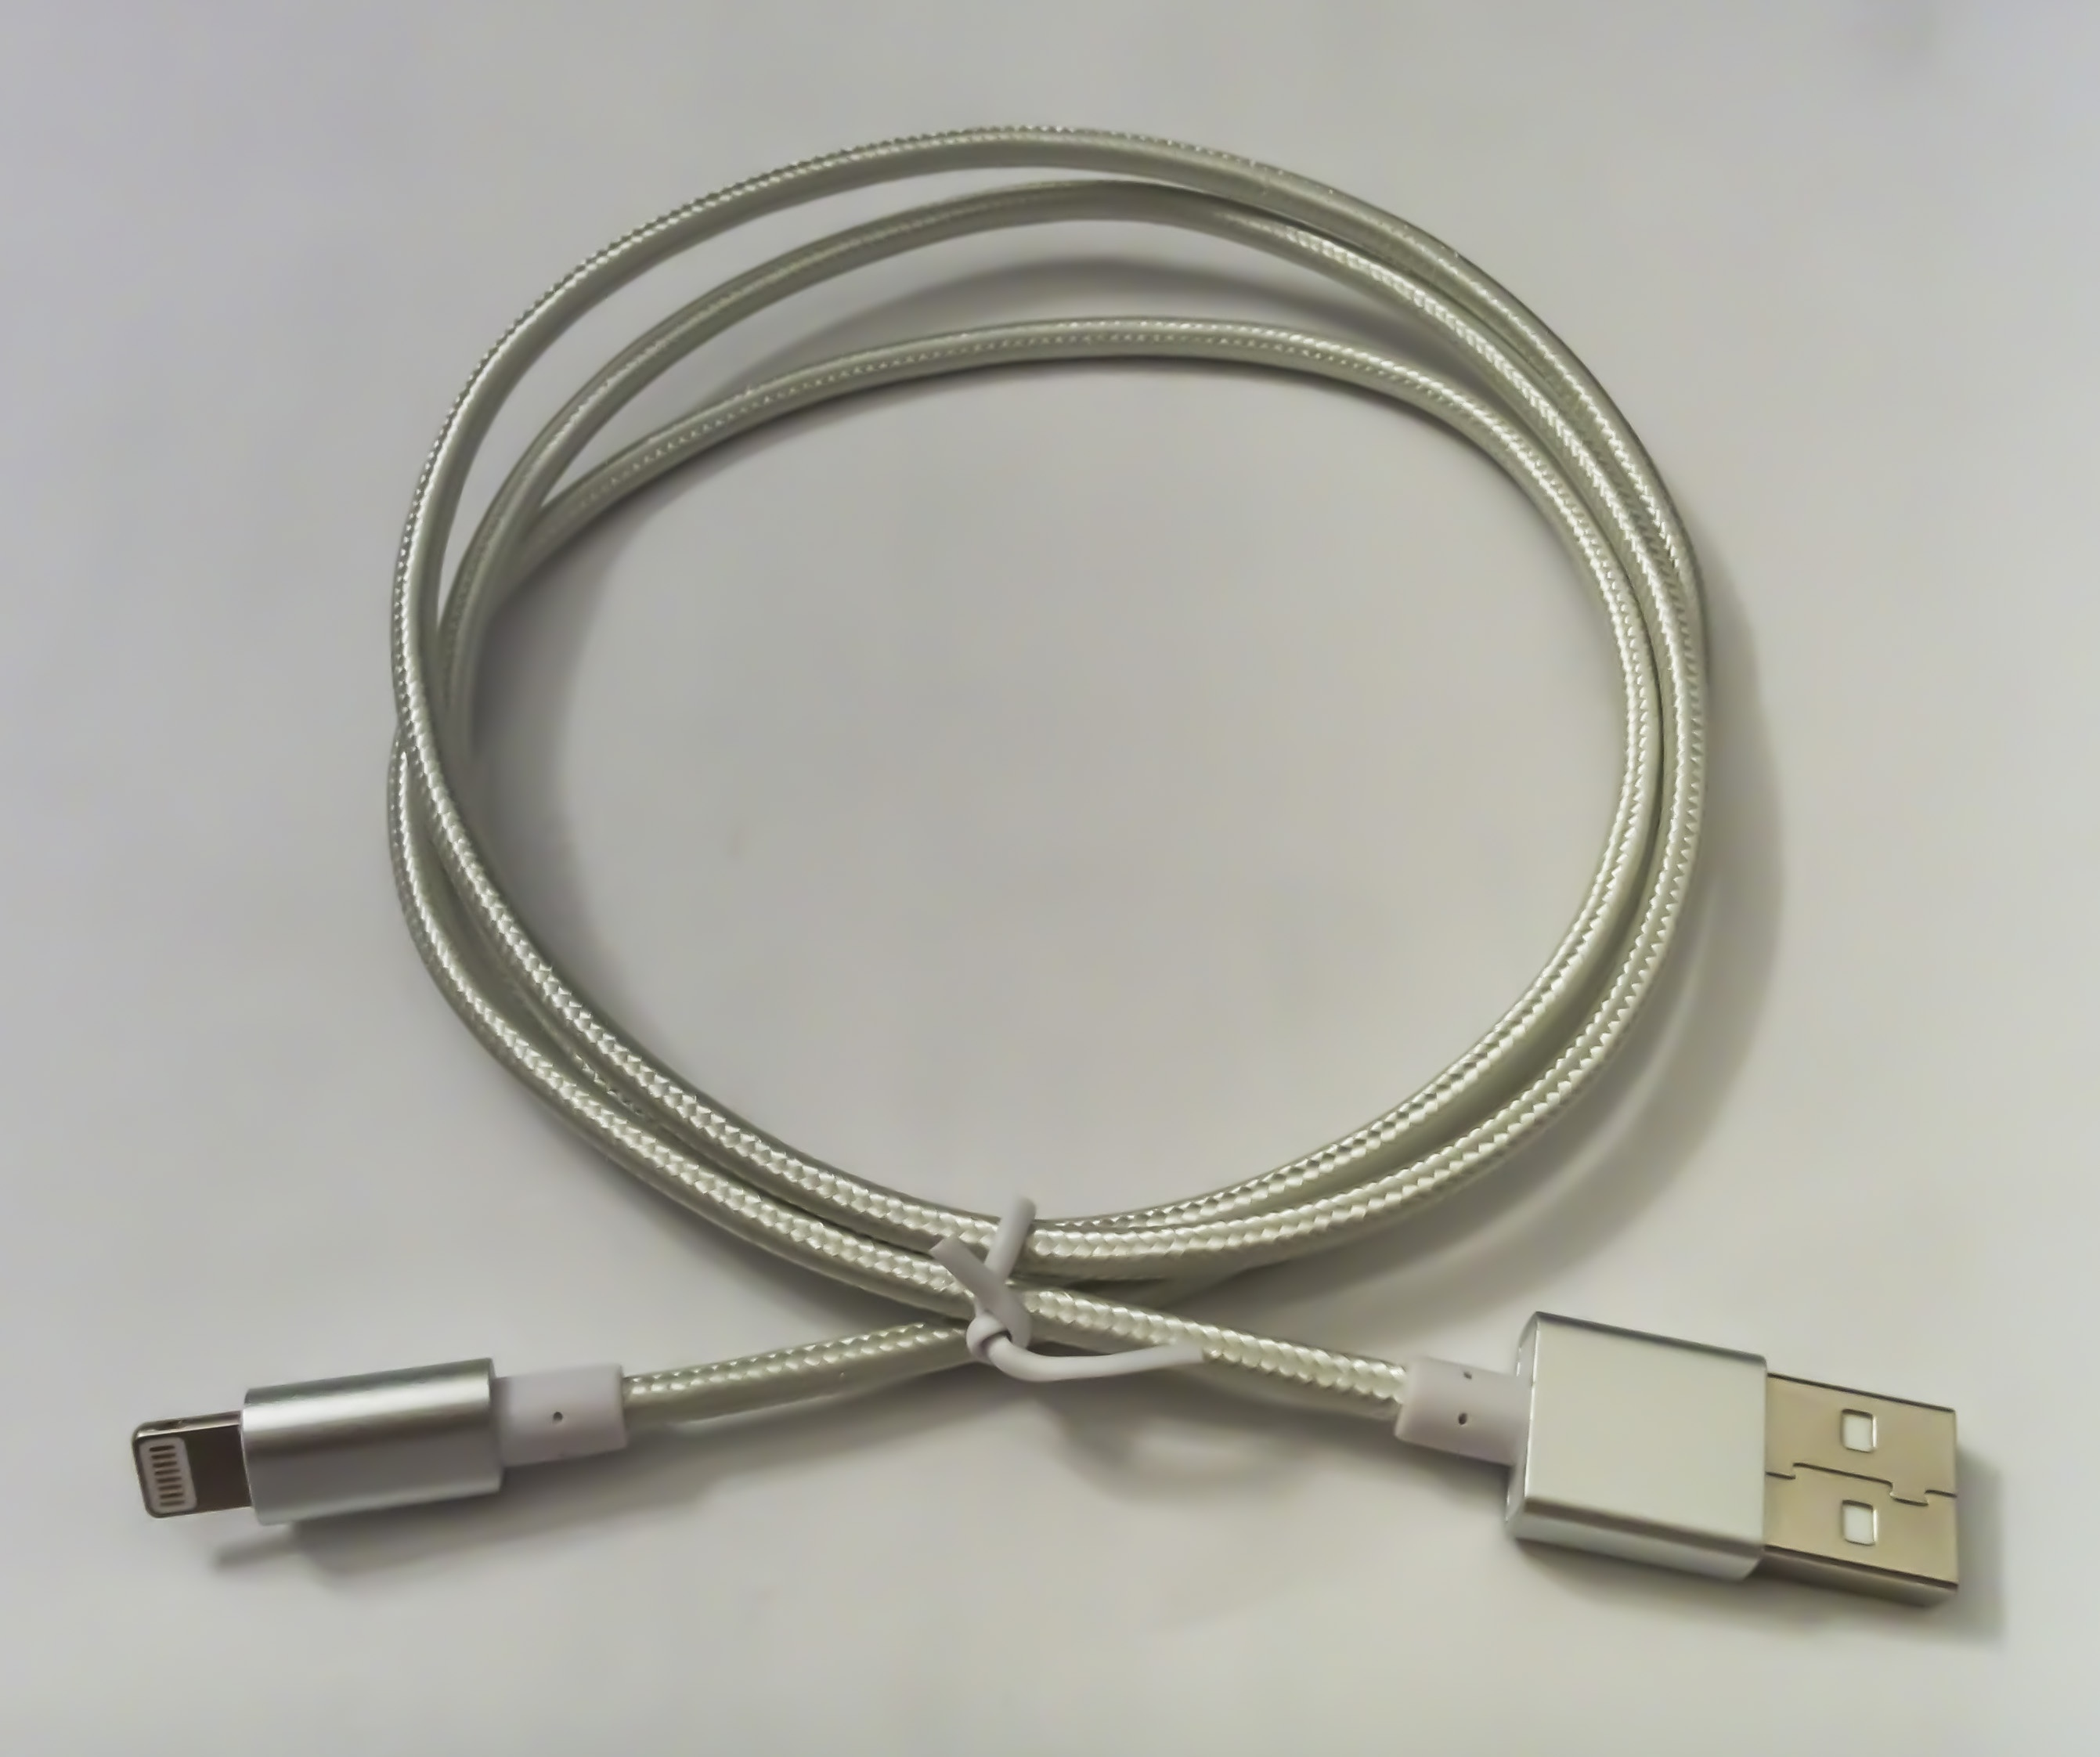 kabel-02c.jpg